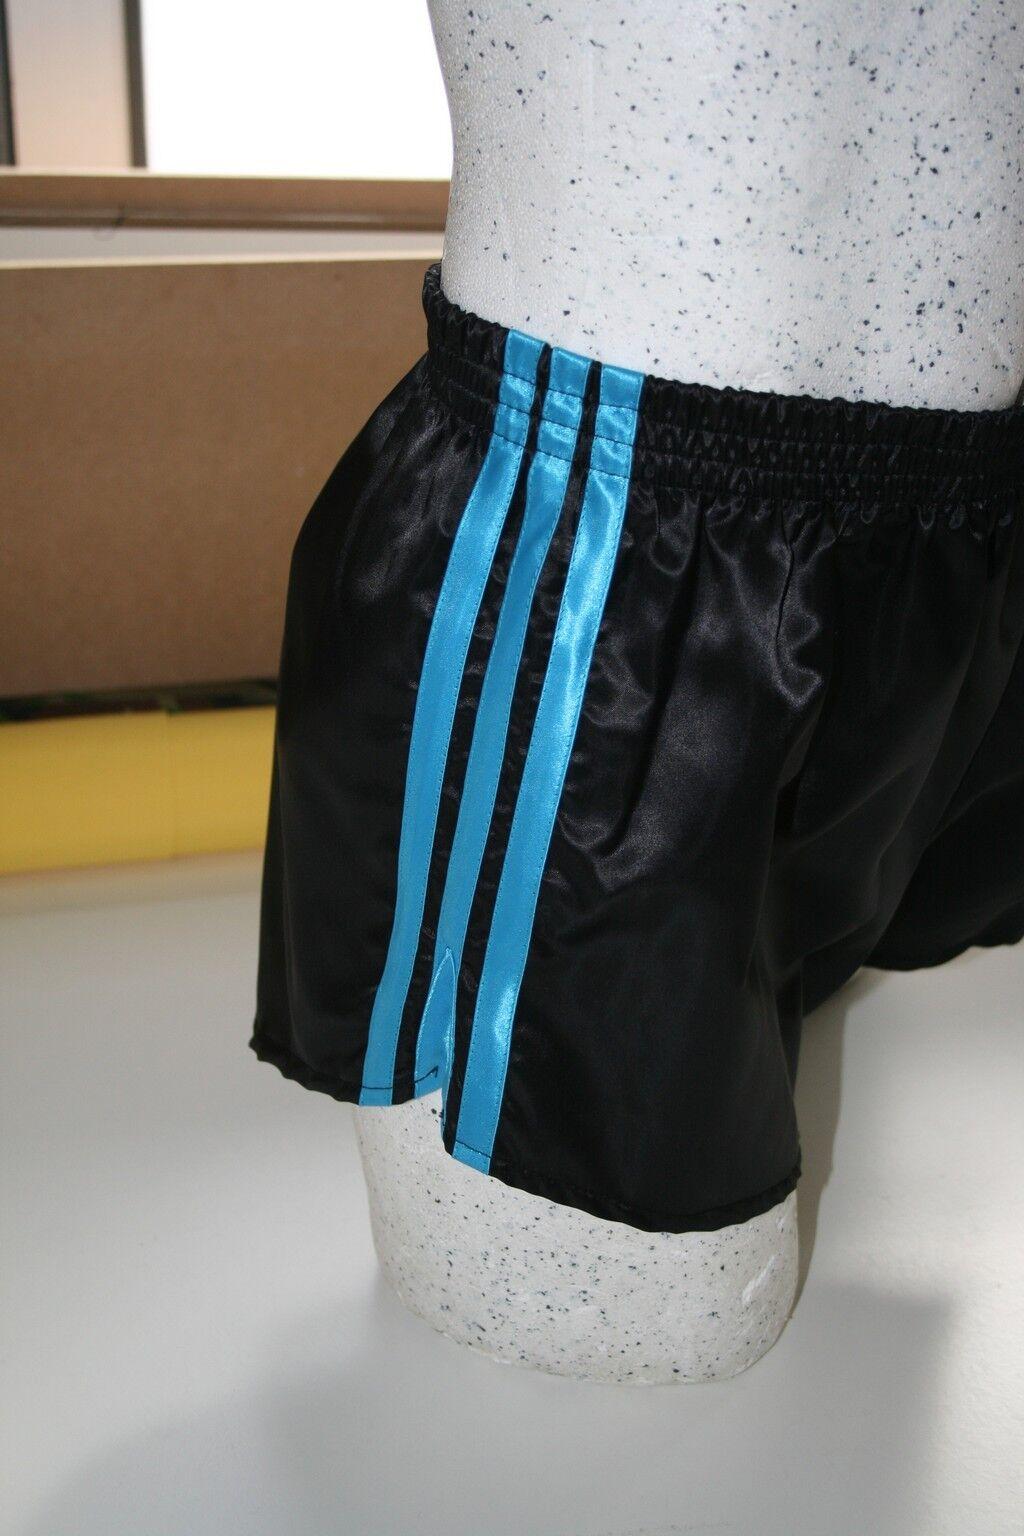 Retro Nylon Satin Fußball Shorts Shorts Shorts S zu 4XL, Schwarz & Türkis     | Lass unsere Waren in die Welt gehen  2fb5e9